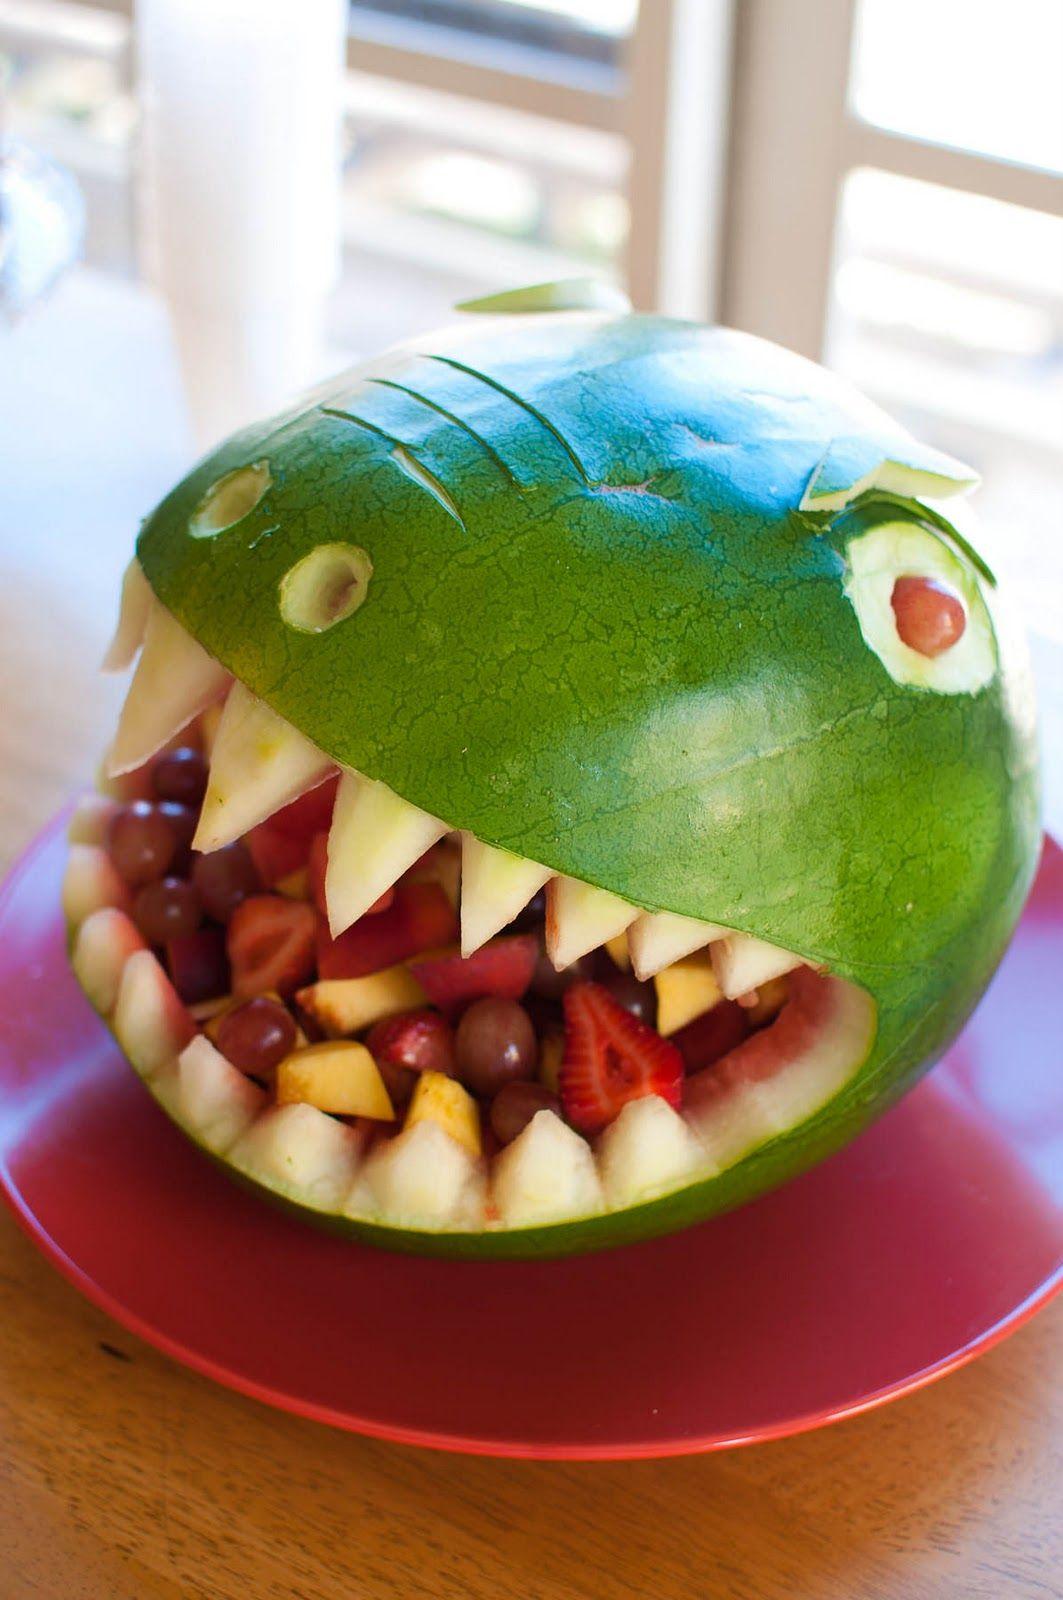 Google Image Result for http://1.bp.blogspot.com/-dsvsHJhlgeY/Tx5InQkt8eI/AAAAAAAABOk/QEbPV5IuHsc/s1600/dinosaur-watermelon.jpg